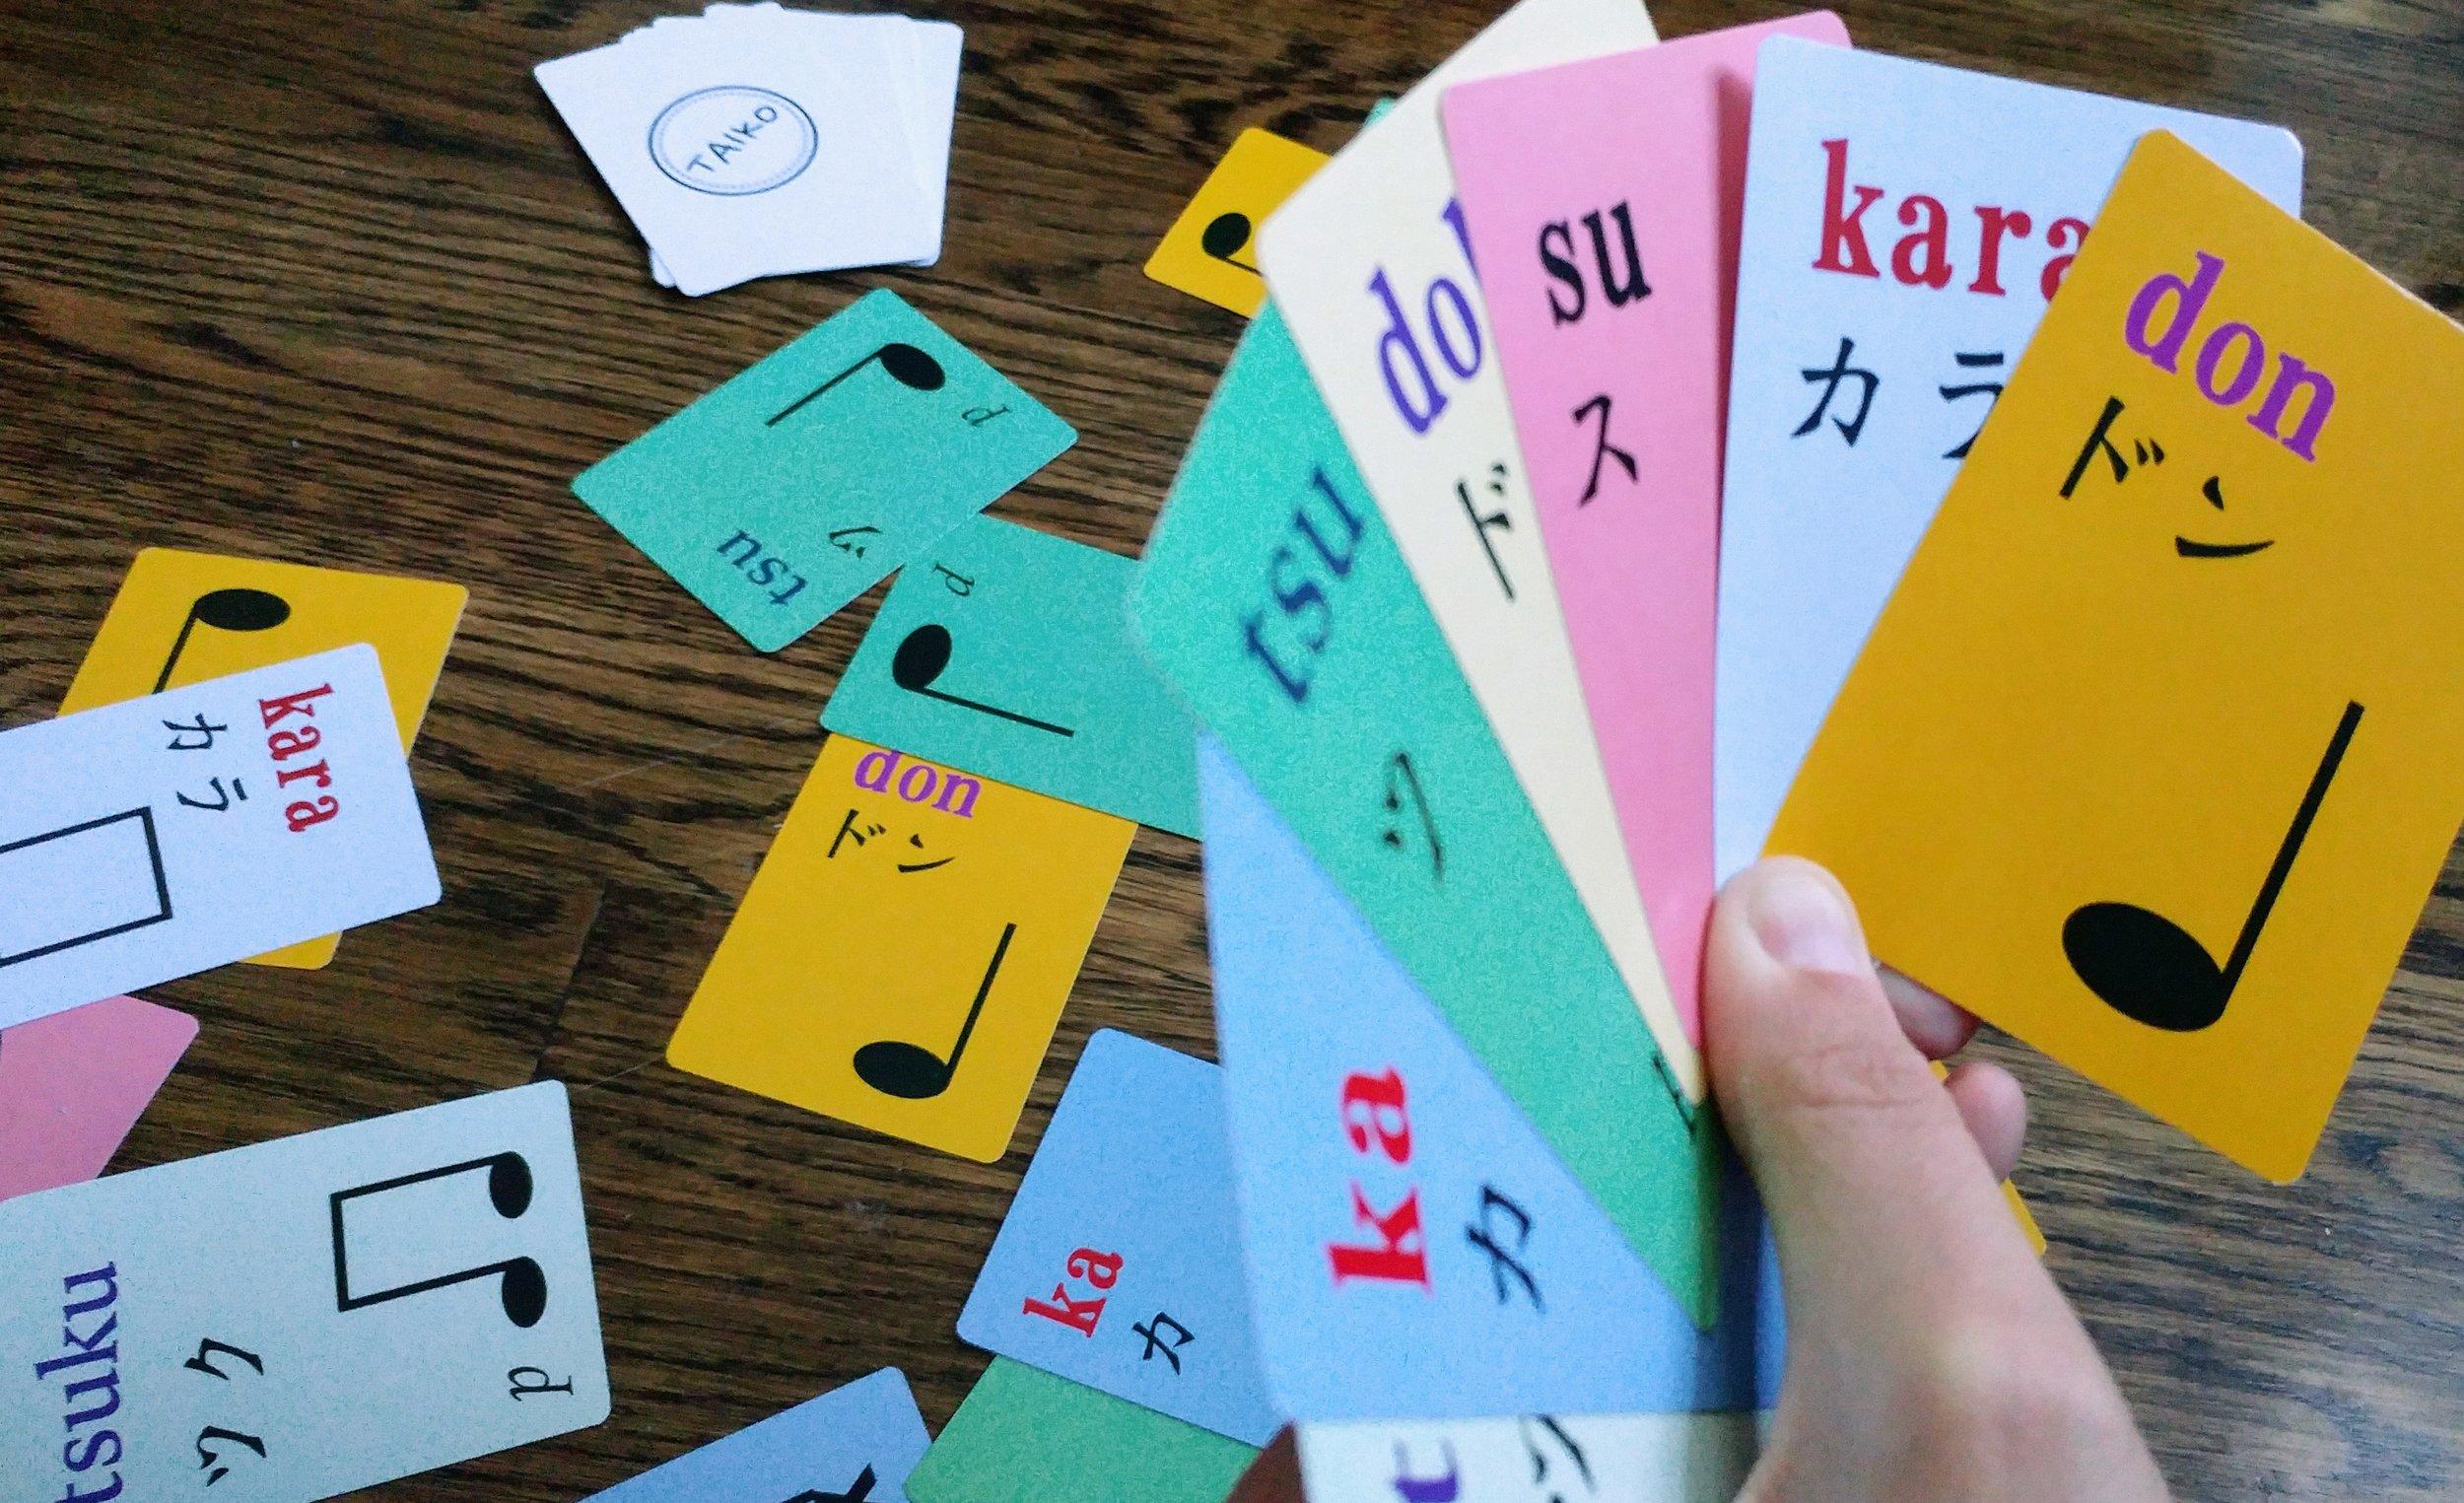 Kuchishoka Cards Pic.jpg